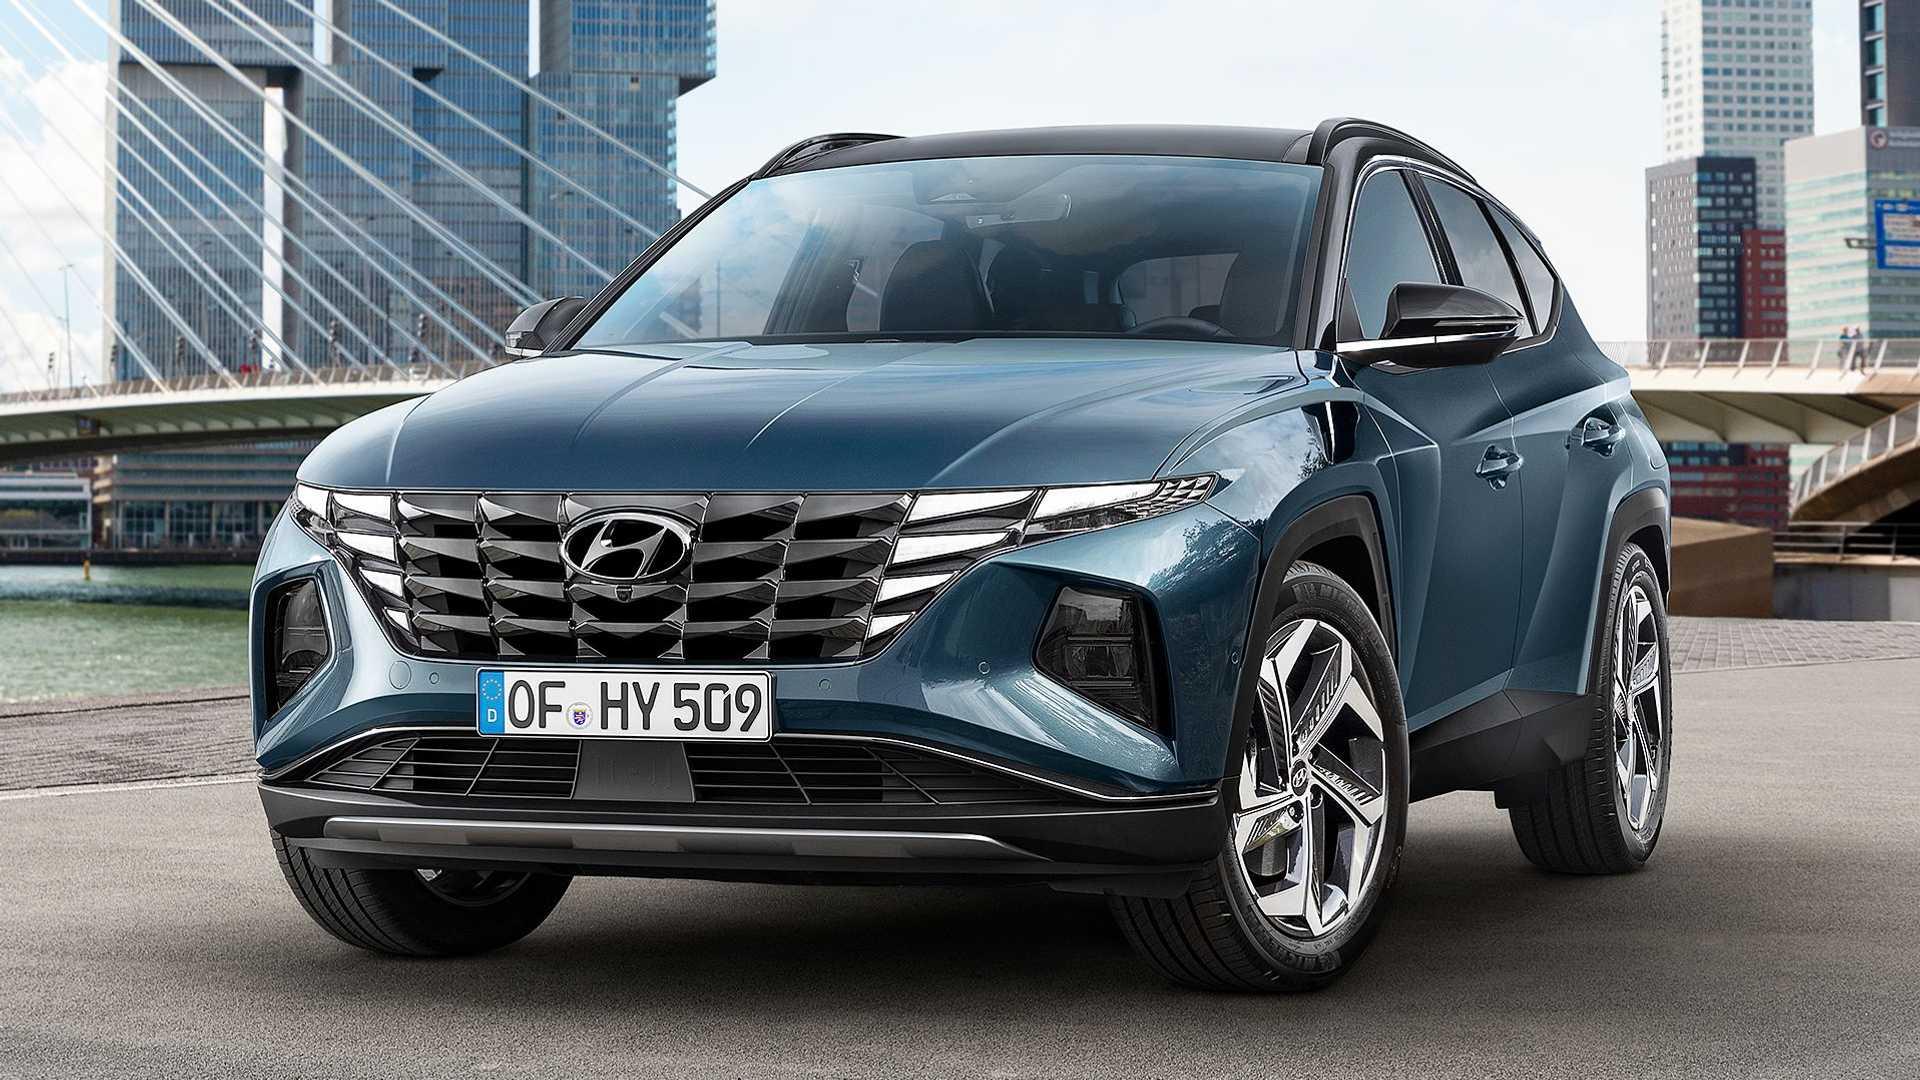 tucson that 16038427650922000348909 Kia Sportage thế hệ mới hé lộ hình ảnh cạnh tranh với Hyundai Tucson